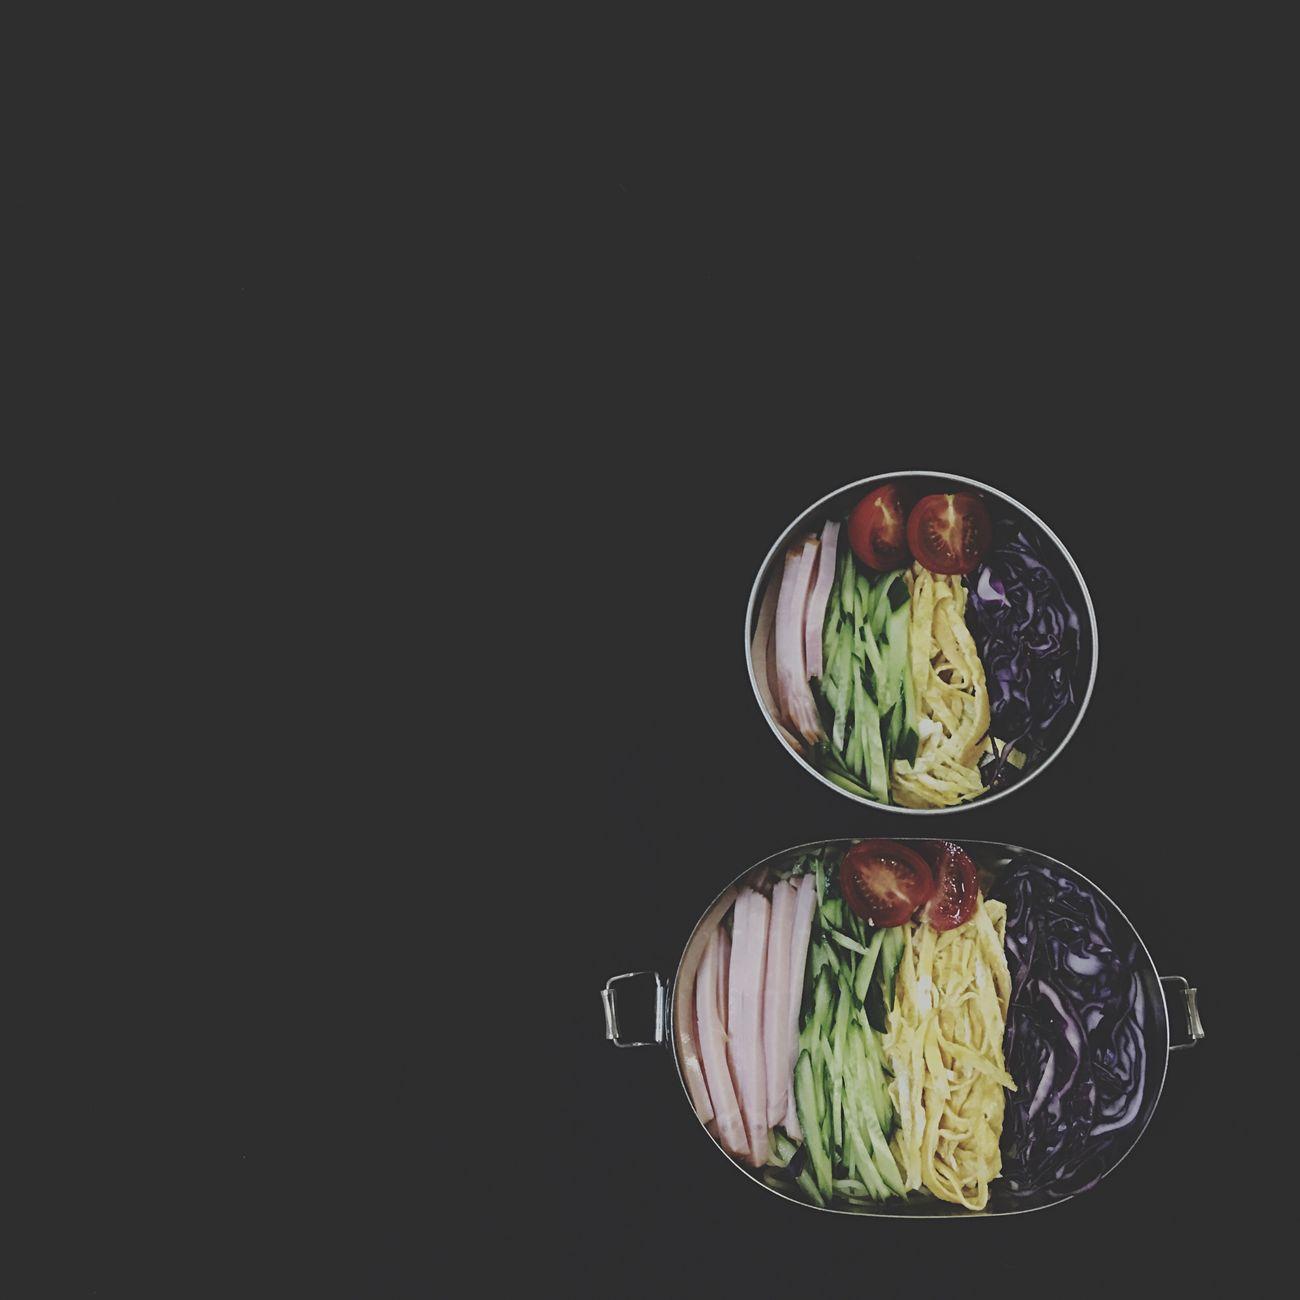 冷やし中華 お弁当